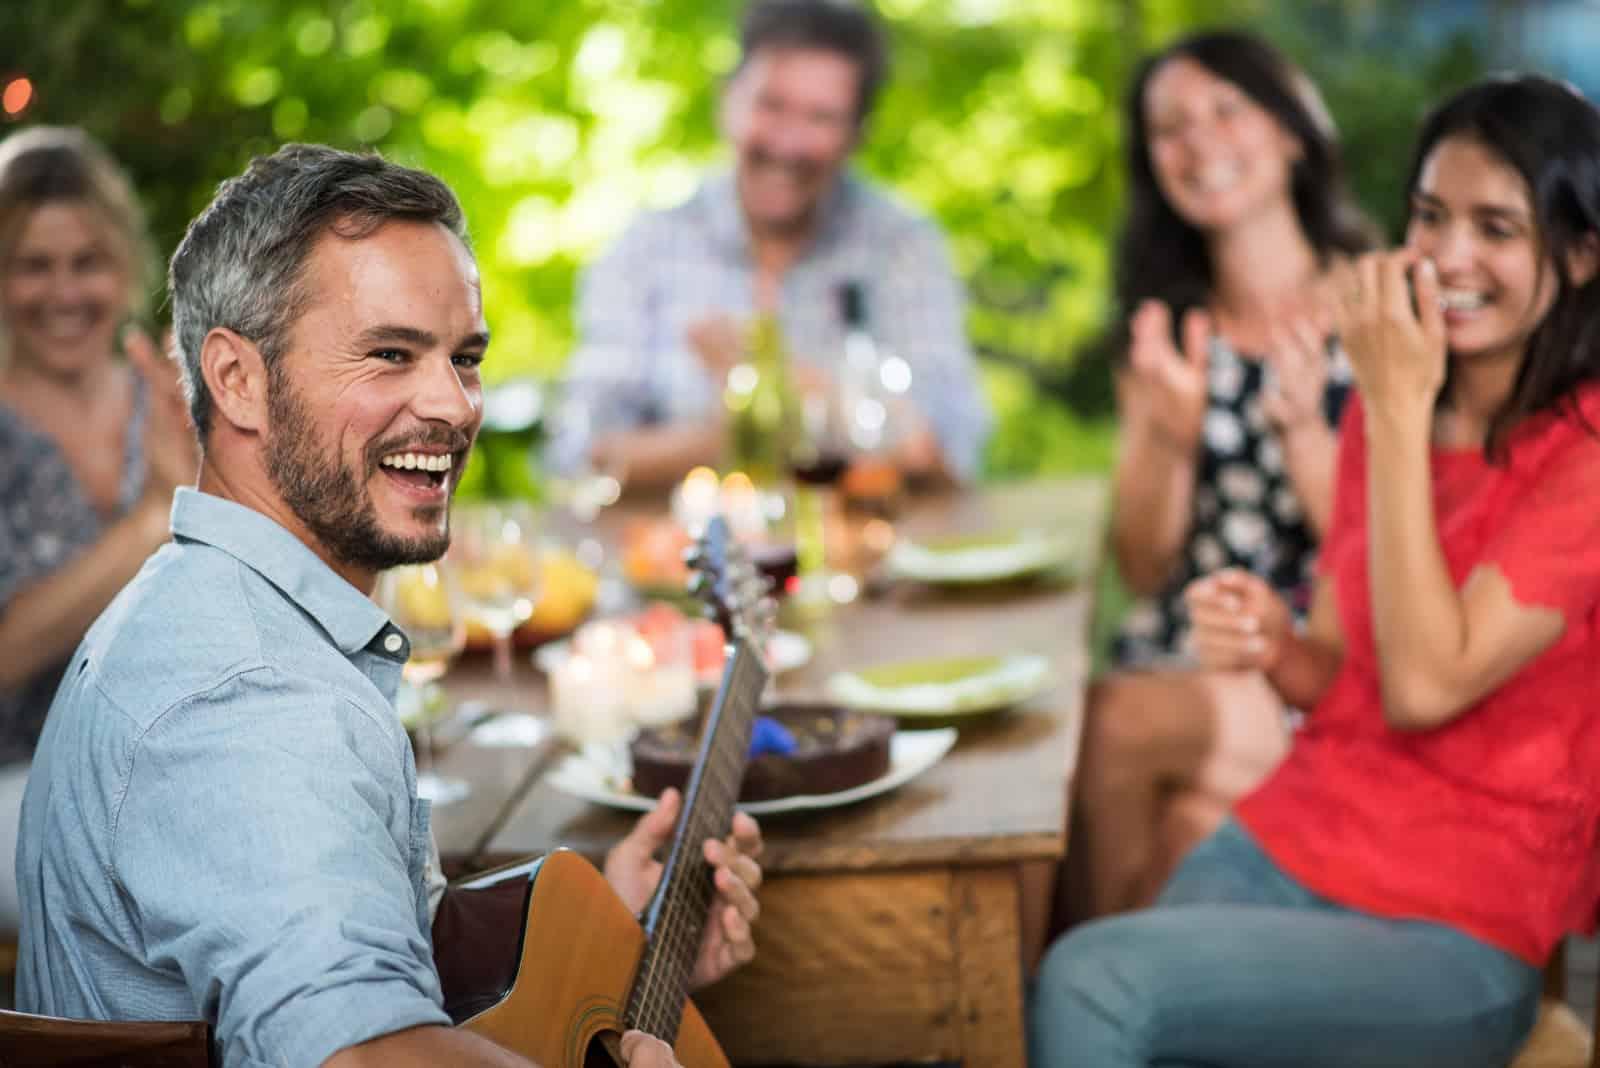 Freunde freuen sich auf einer Party